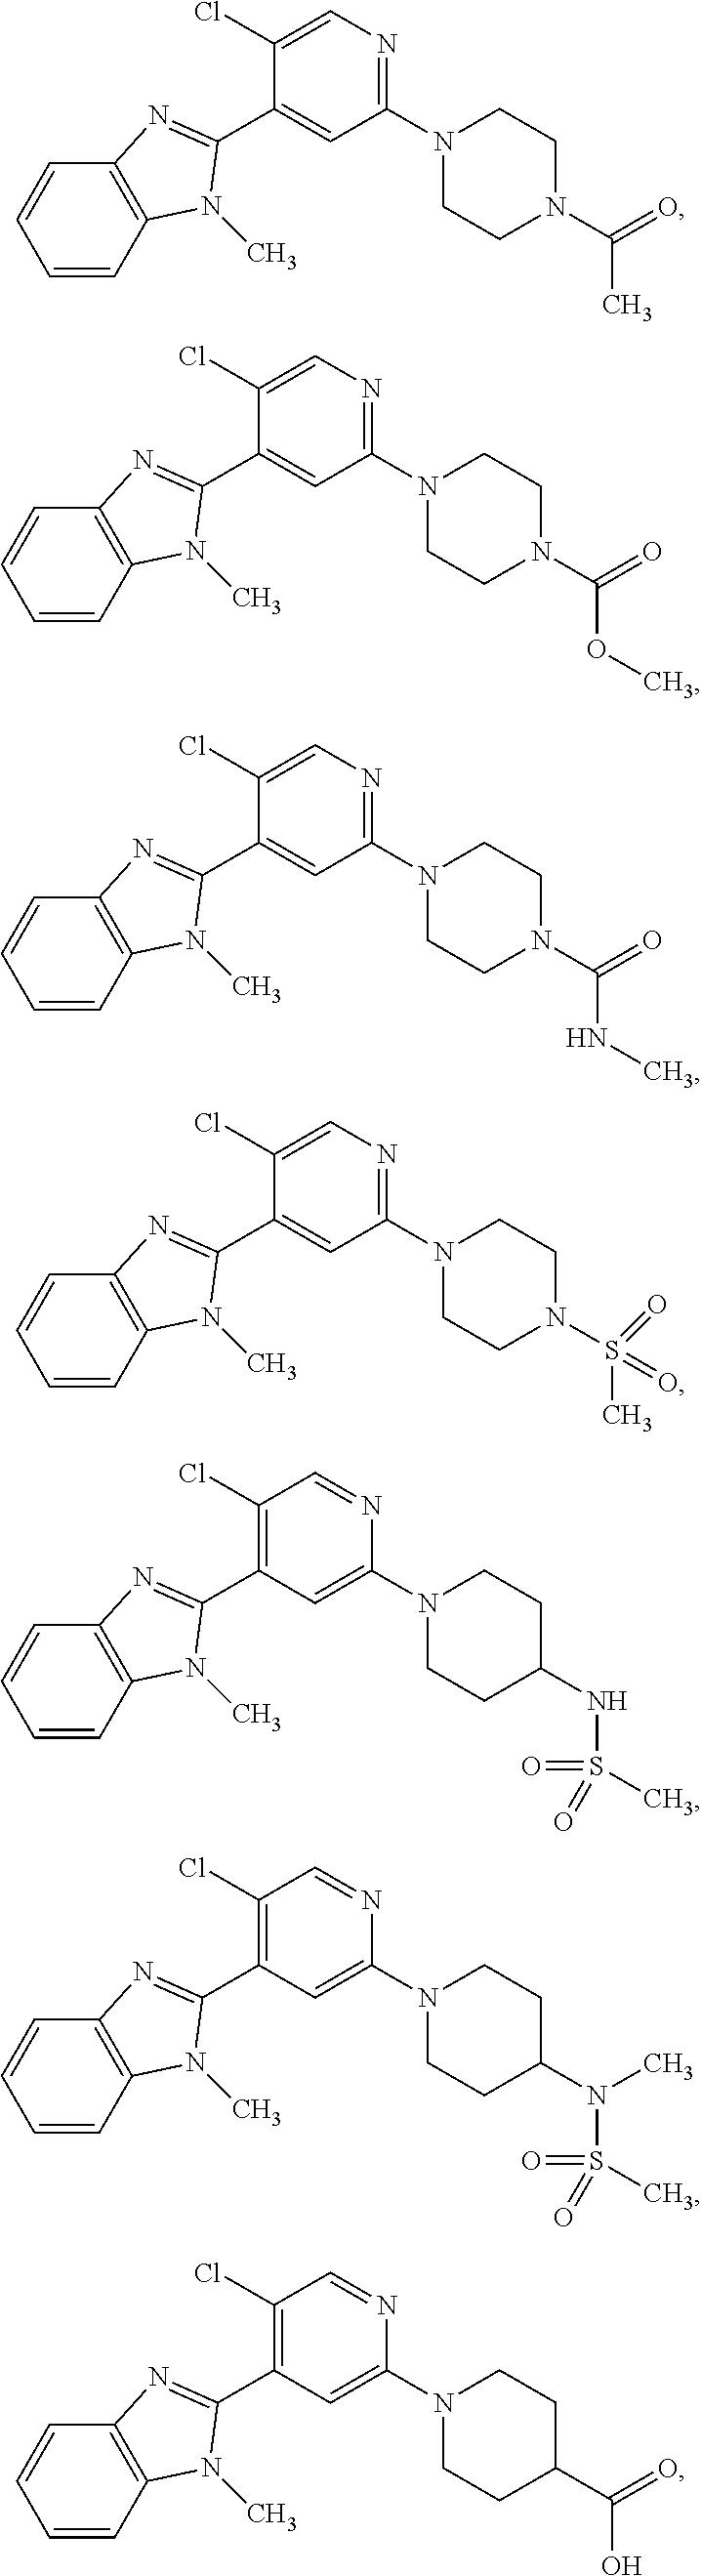 Figure US20120157471A1-20120621-C00004